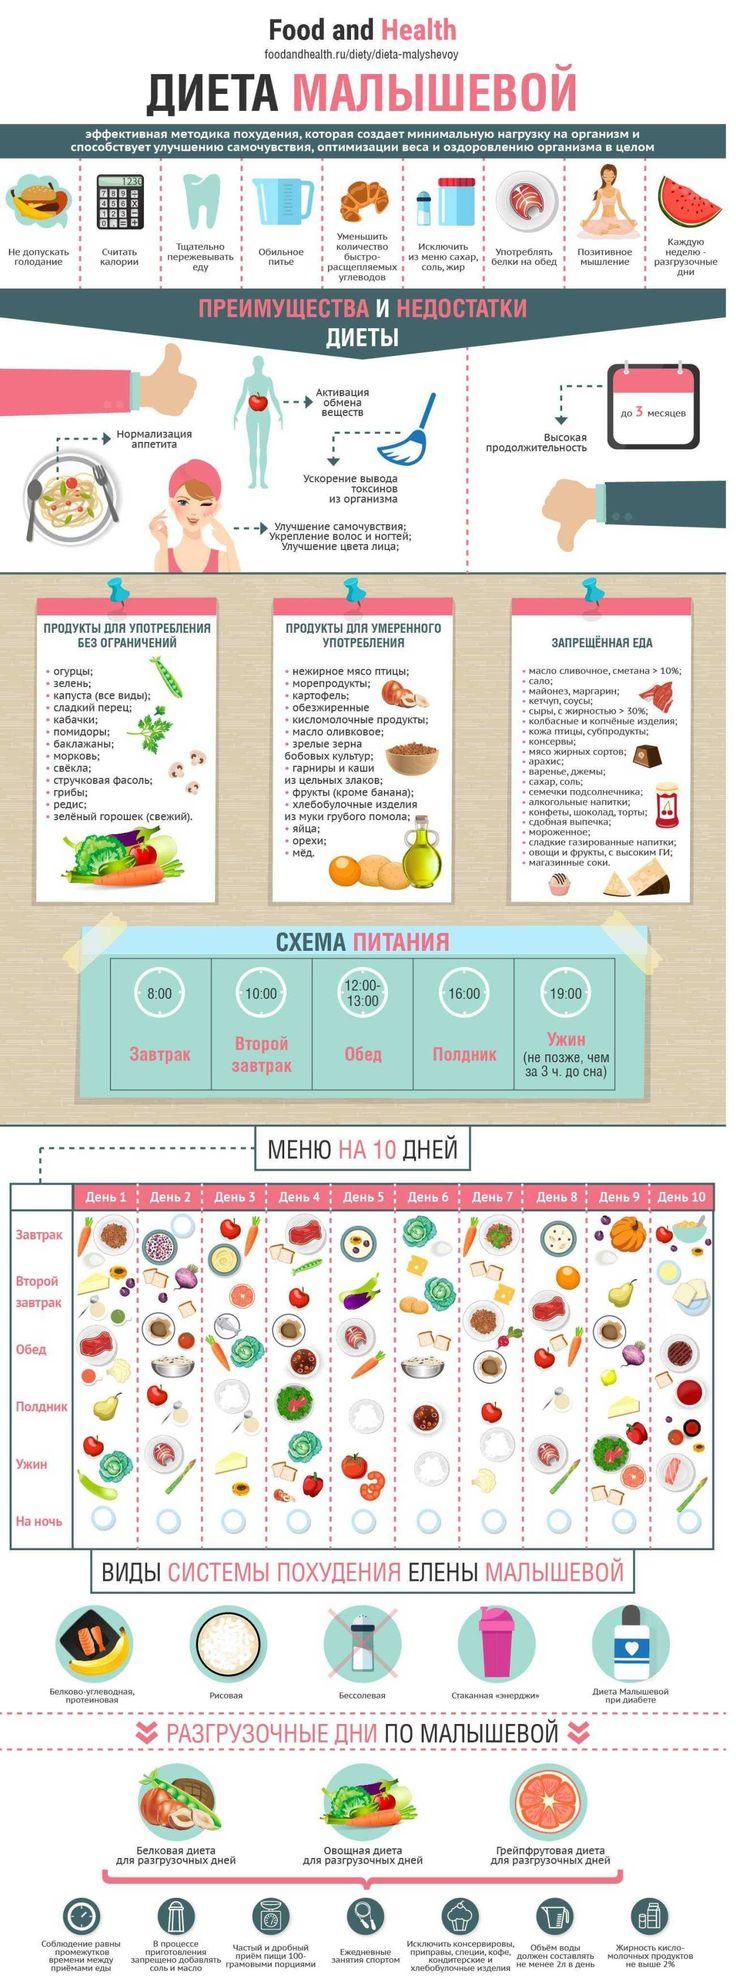 Рекомендации диеты малышевой